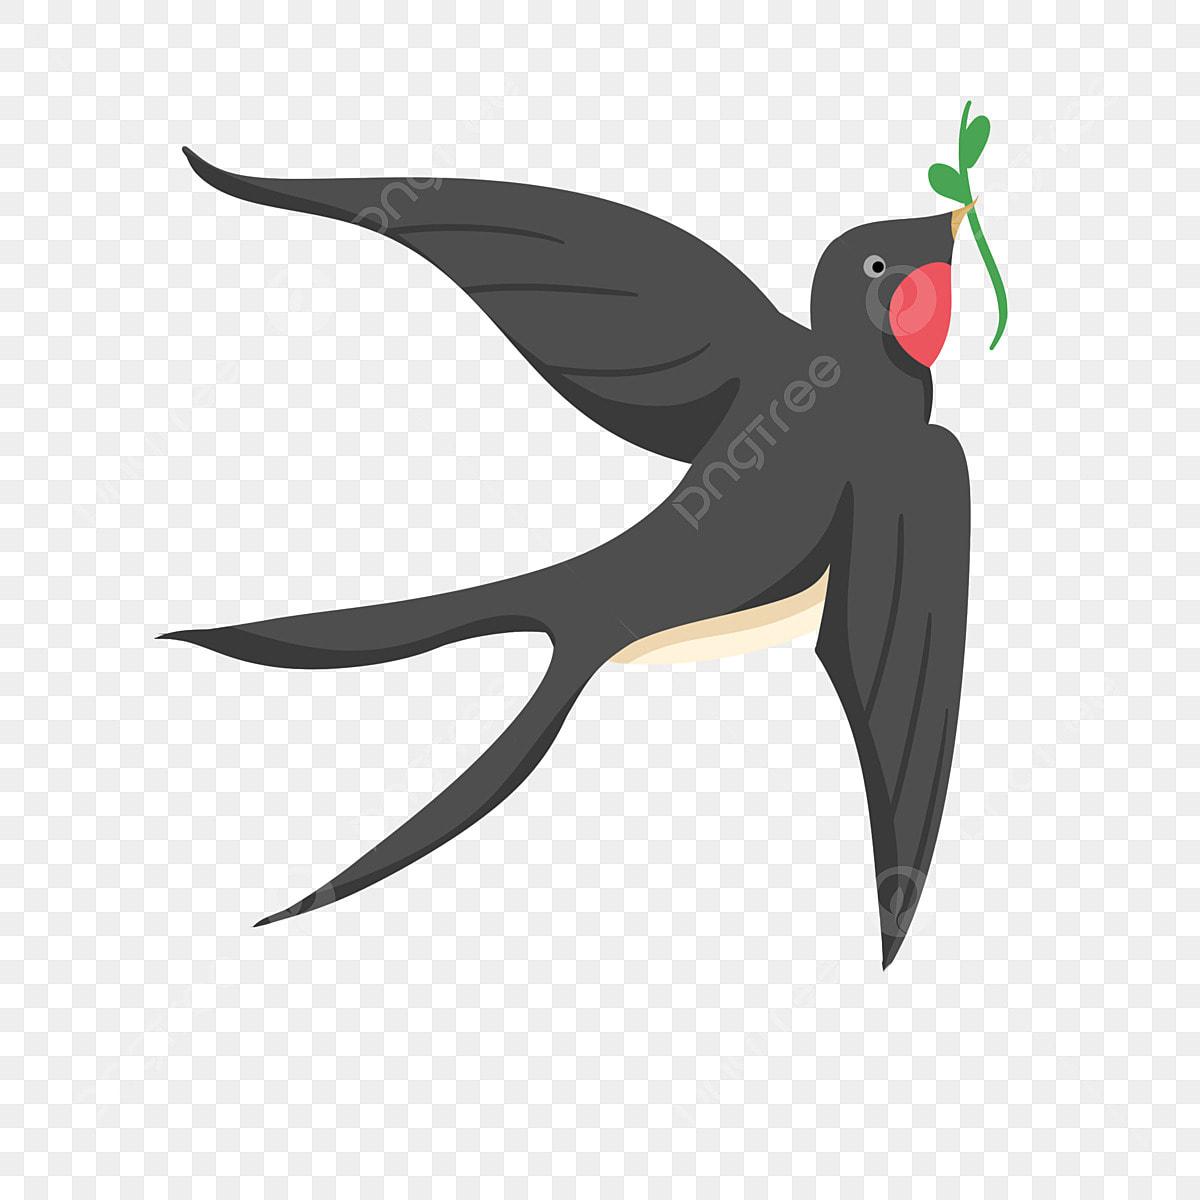 طائر السنونو خفيف مثل طائر السنونو السنونو الطيور Png وملف Psd للتحميل مجانا